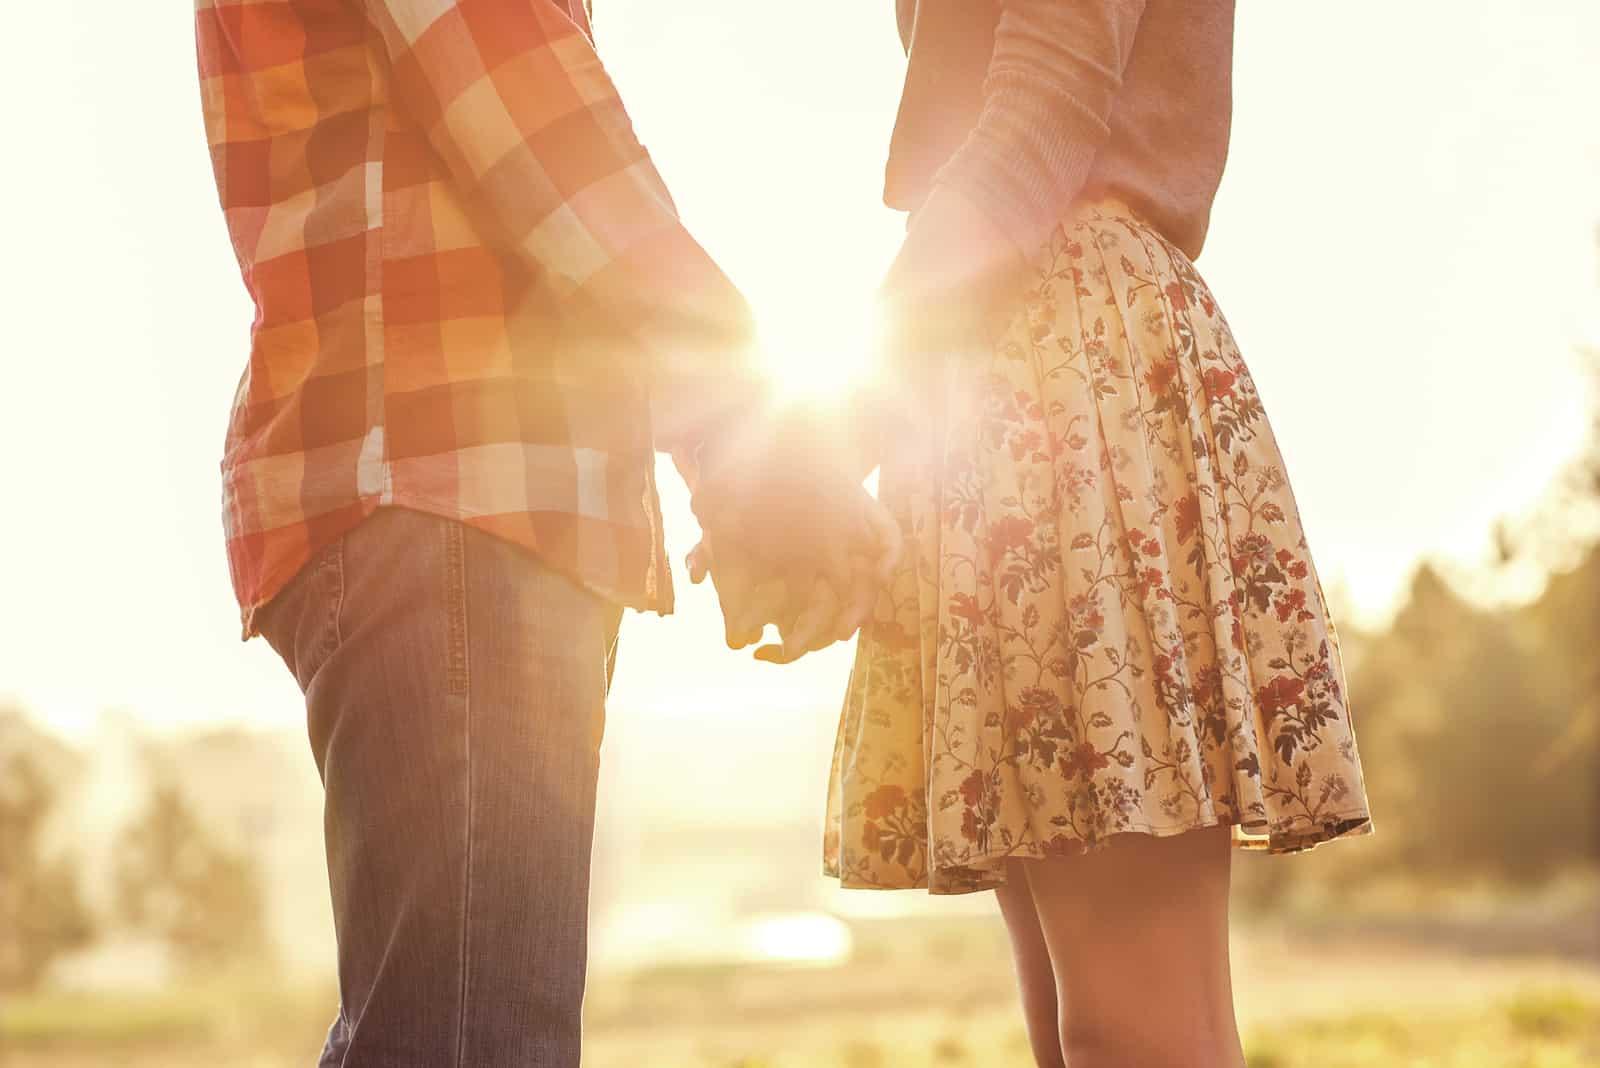 verliebtes Paar, das Händchen haltend im Herbstpark spazieren geht